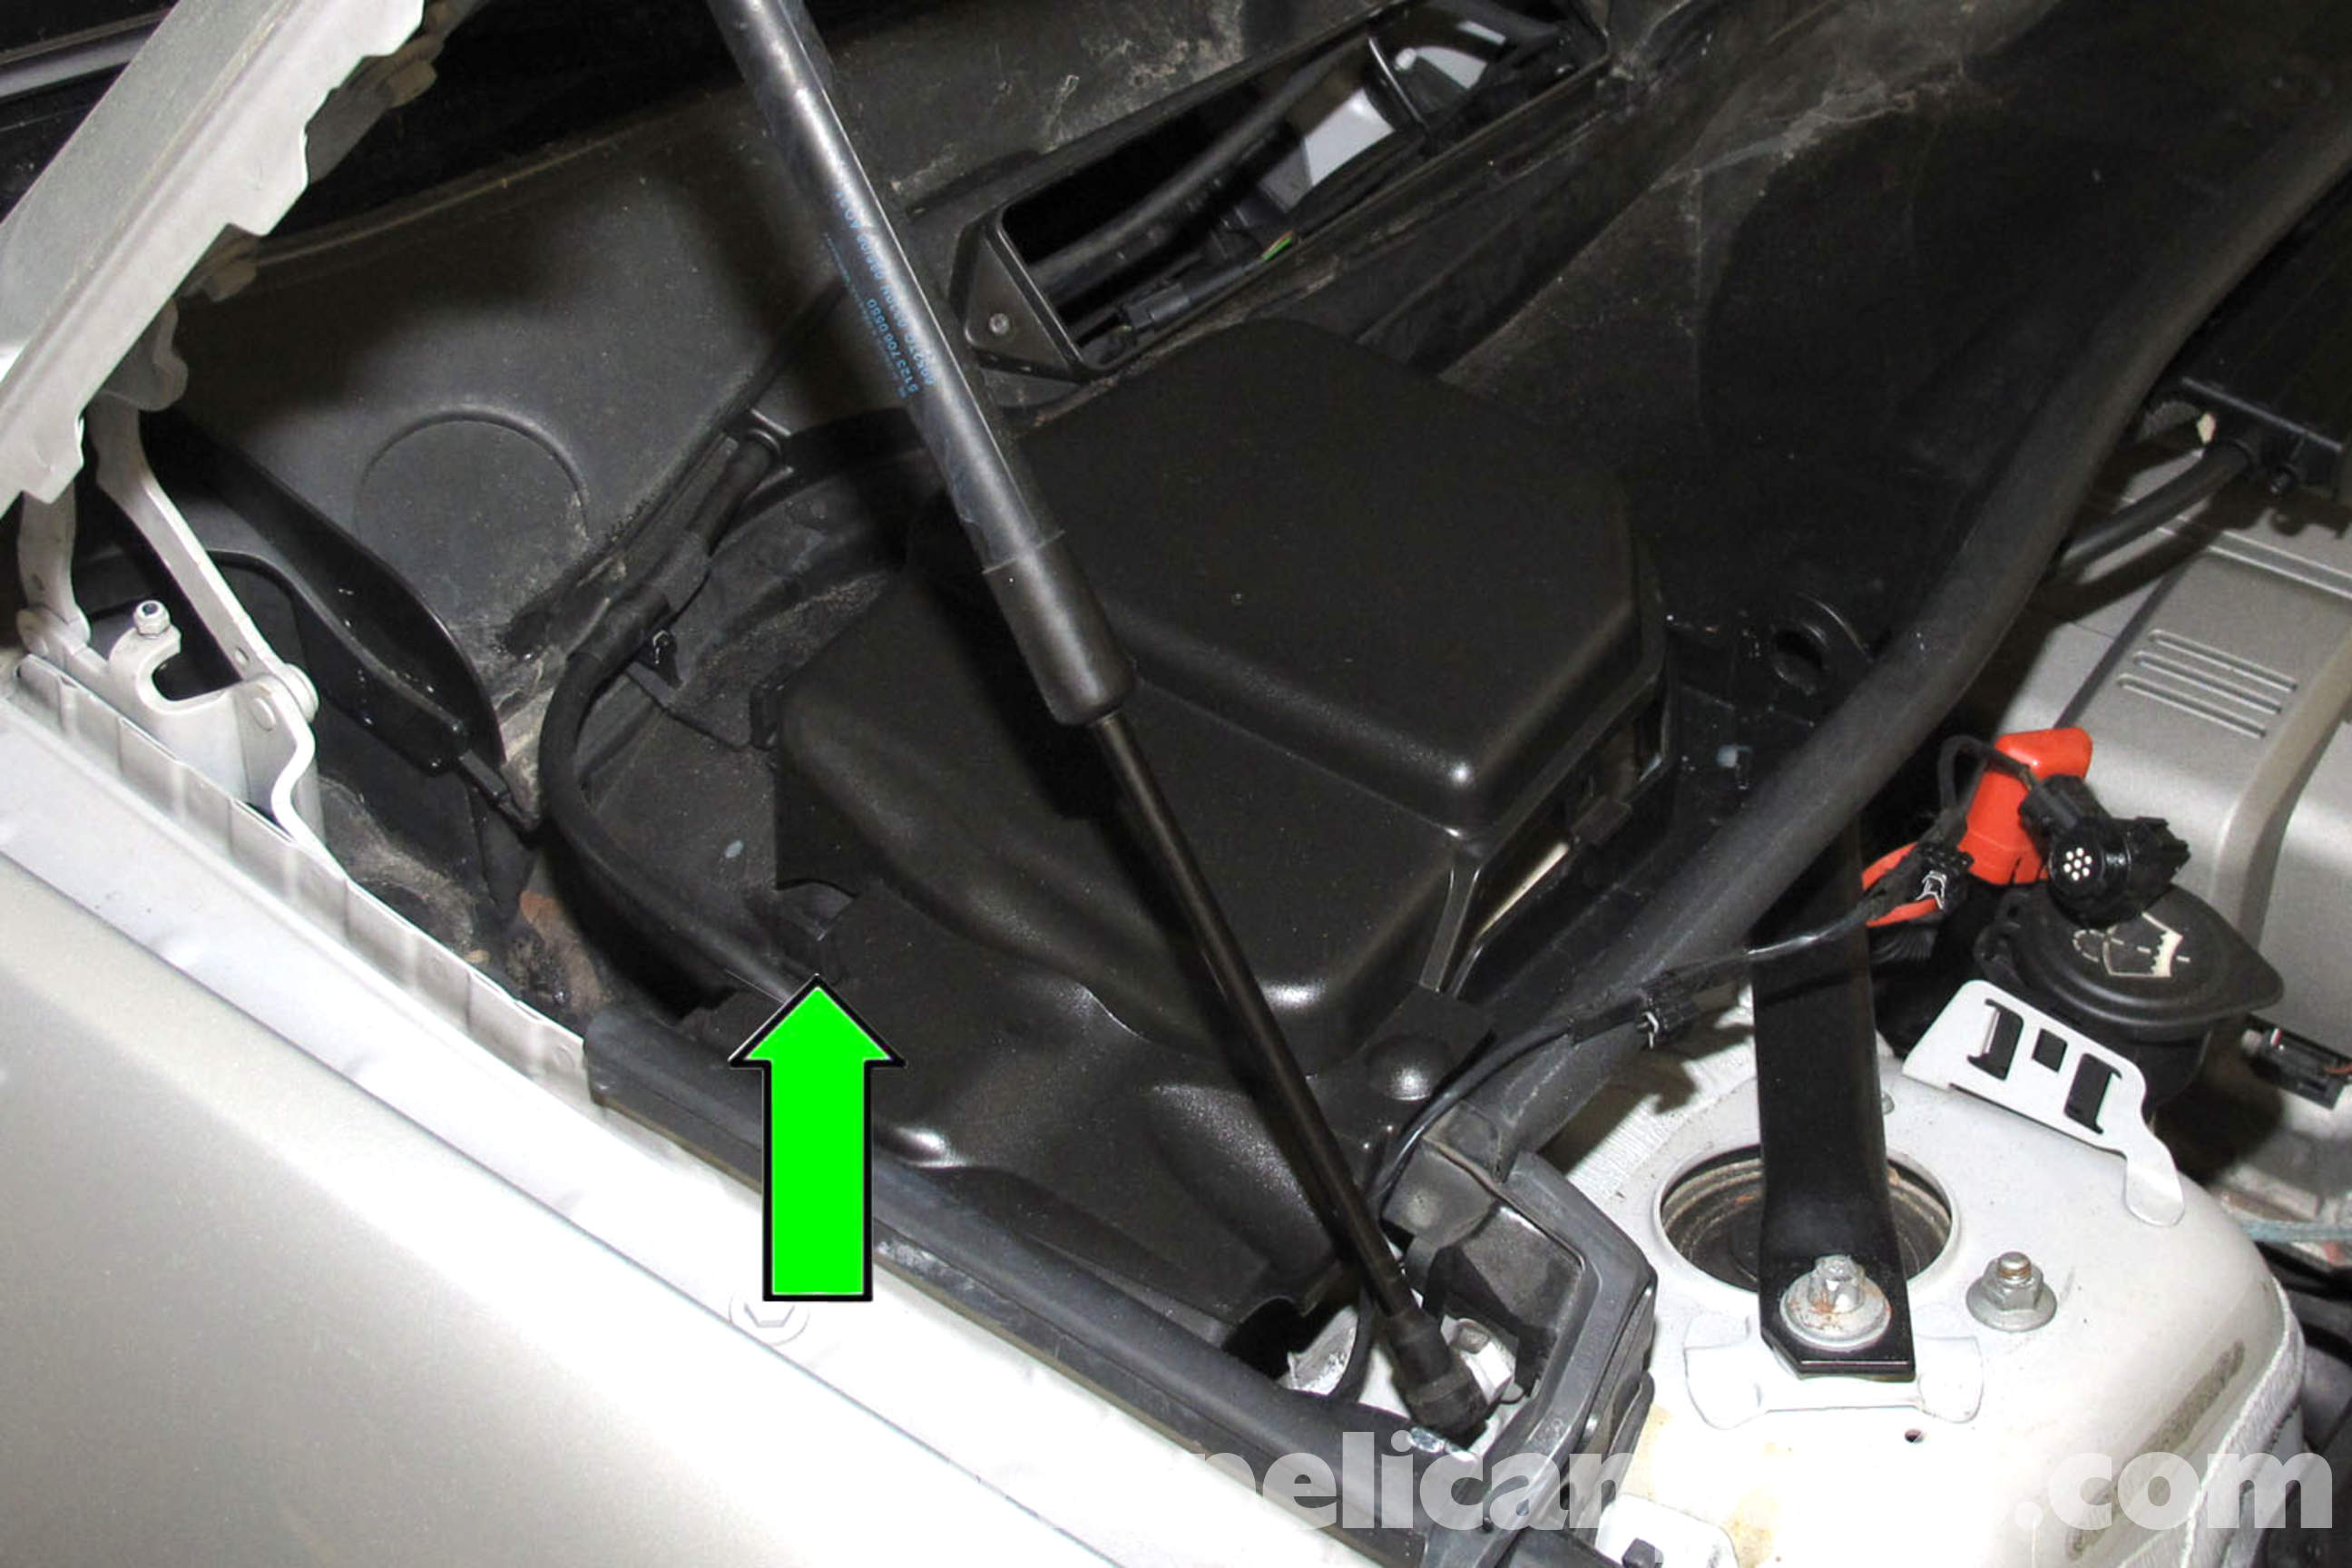 BMW E90 Engine Cover Removal | E91, E92, E93 | Pelican Parts DIY ...